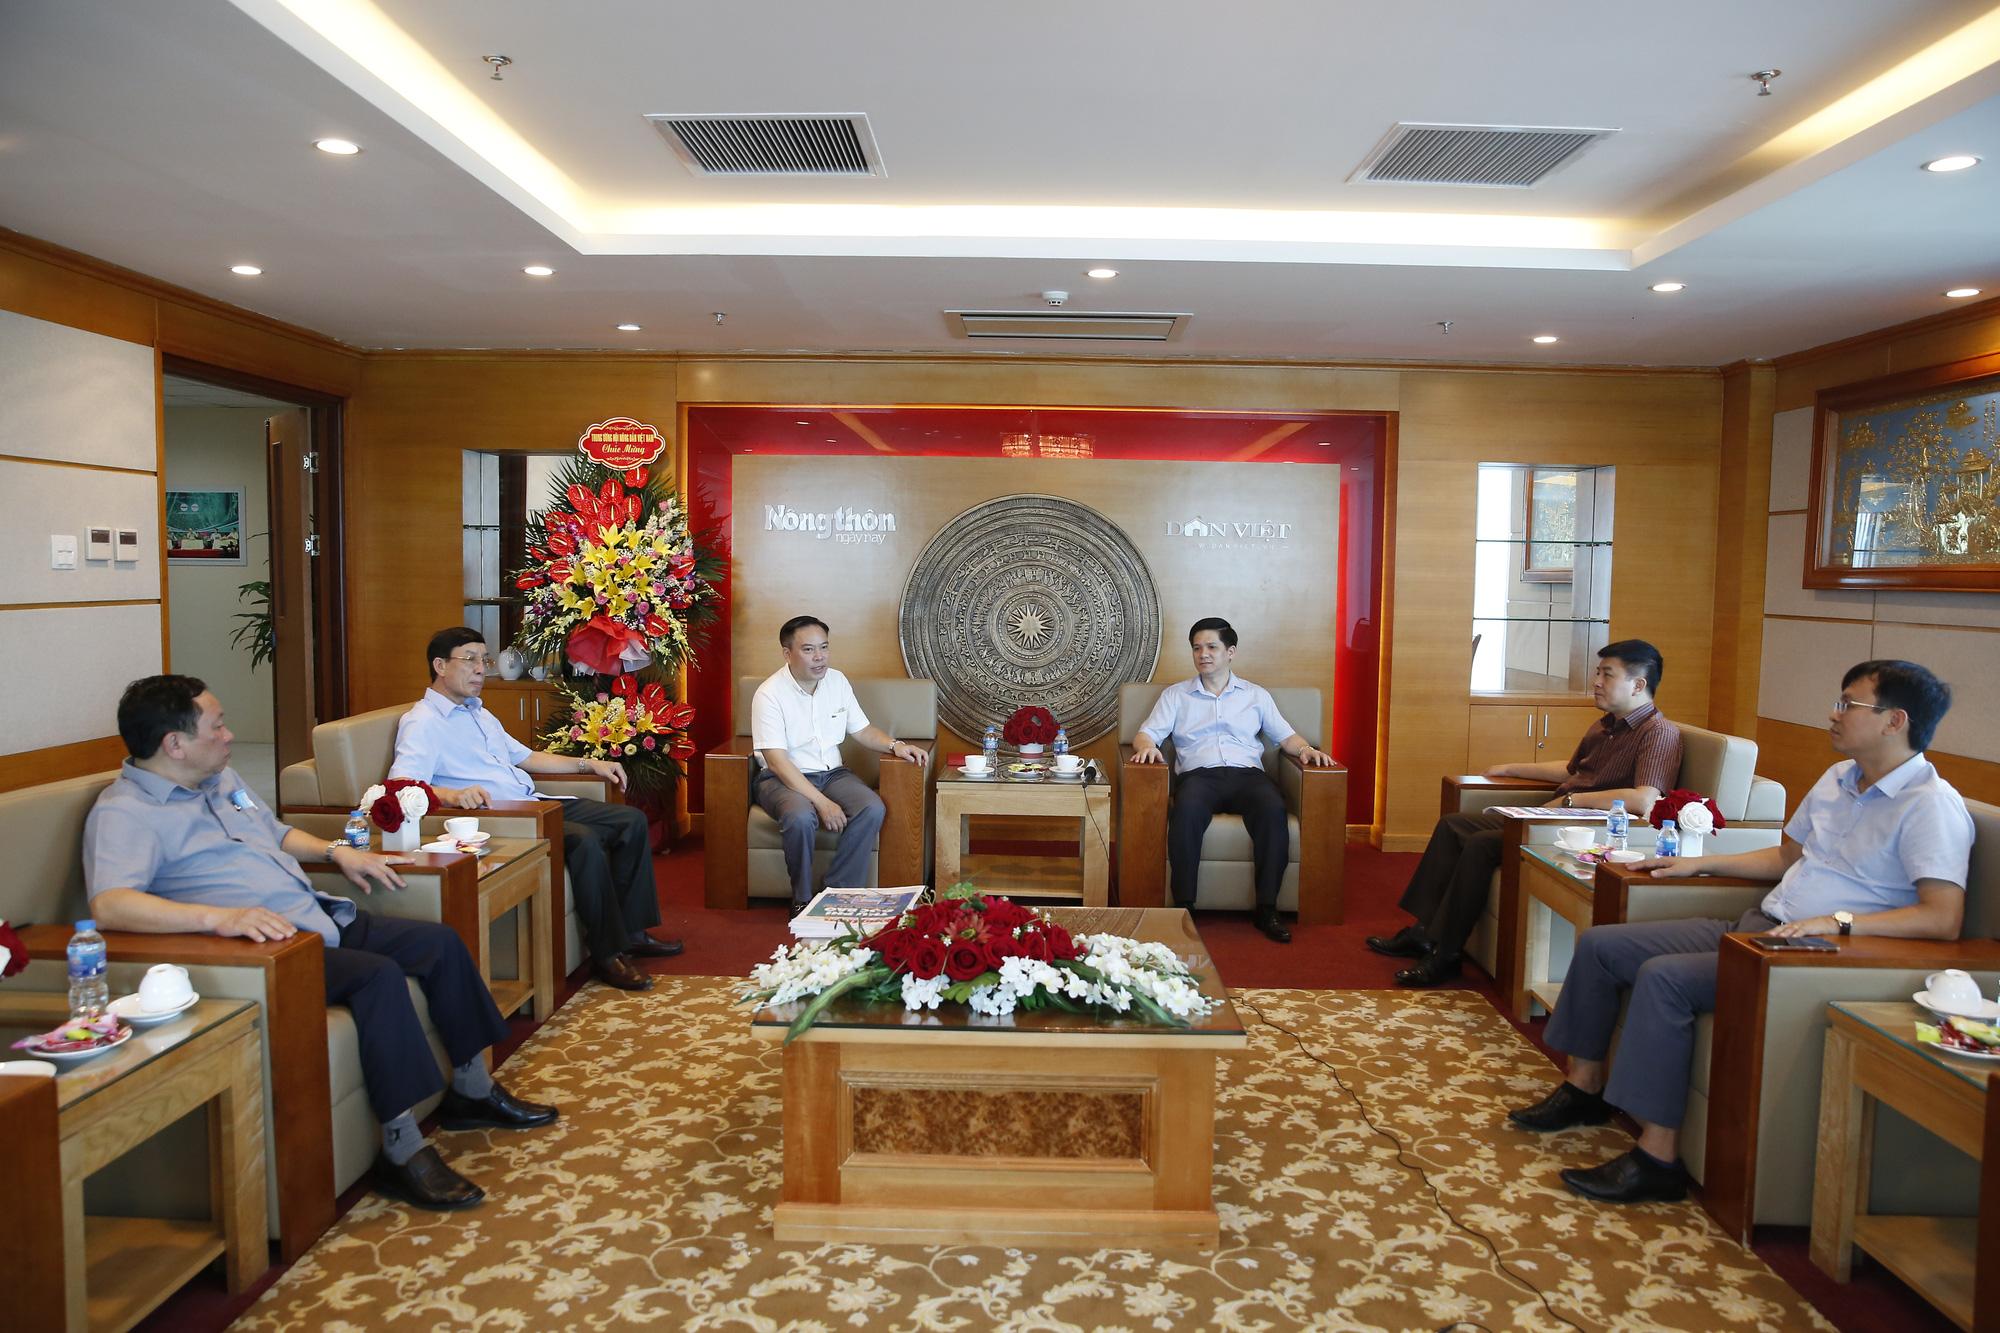 Lãnh đạo Hội Nông dân Việt Nam chúc mừng Báo NTNN/Dân Việt nhân ngày 21/6 - Ảnh 2.